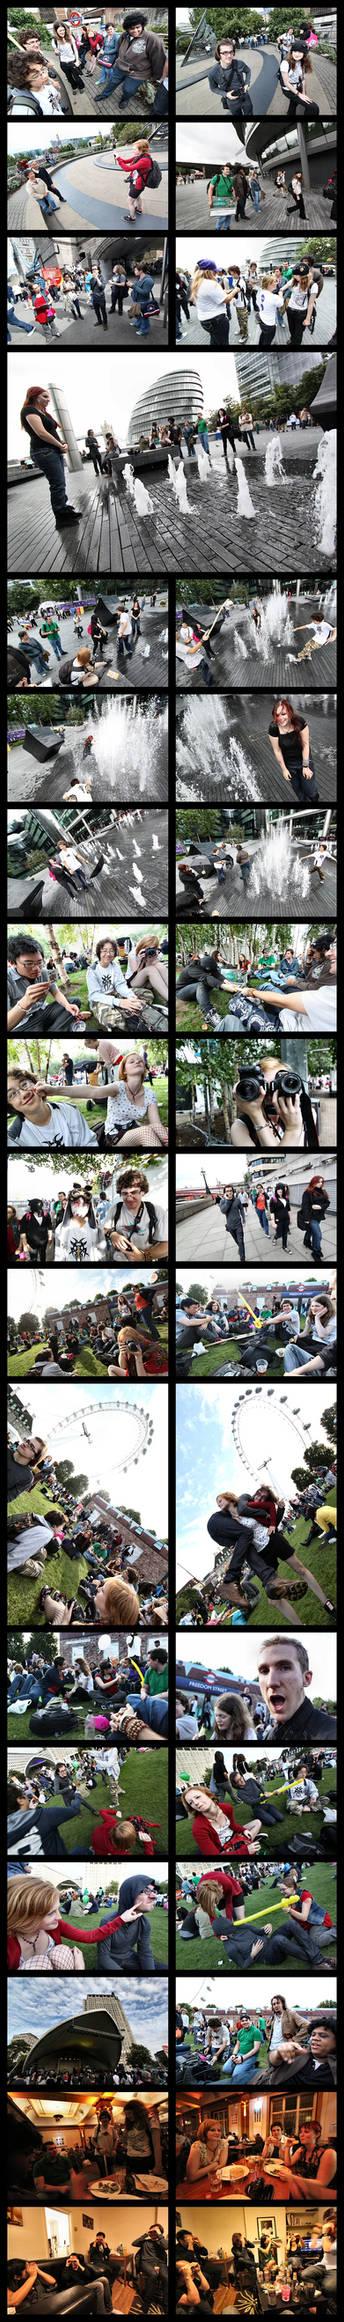 Thames Fest '10